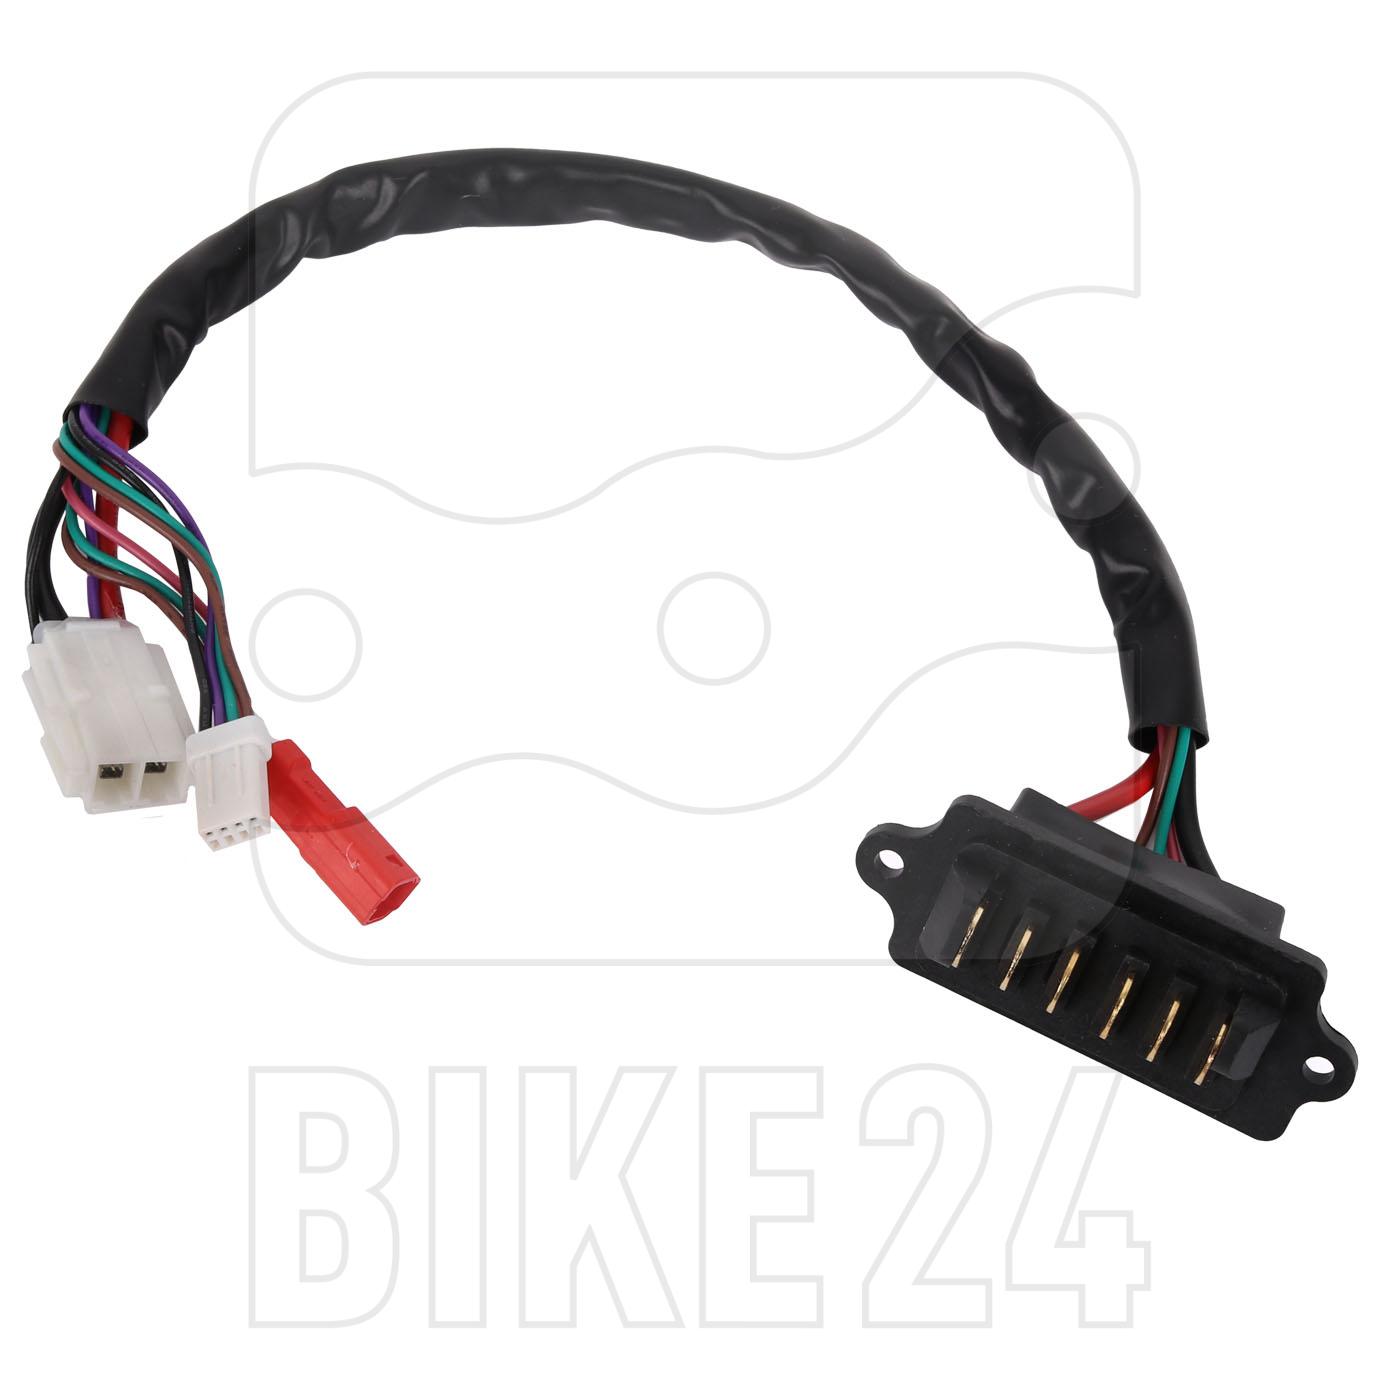 Giant Kabelstrang Batterie zu Motor MY17 / MY18 (Dirt E+ / Explore E+ / Full-E+ / Full-E+ PRO / Prime E+ / Quick E+ / Road E+) - 147L-HDBXXX-01